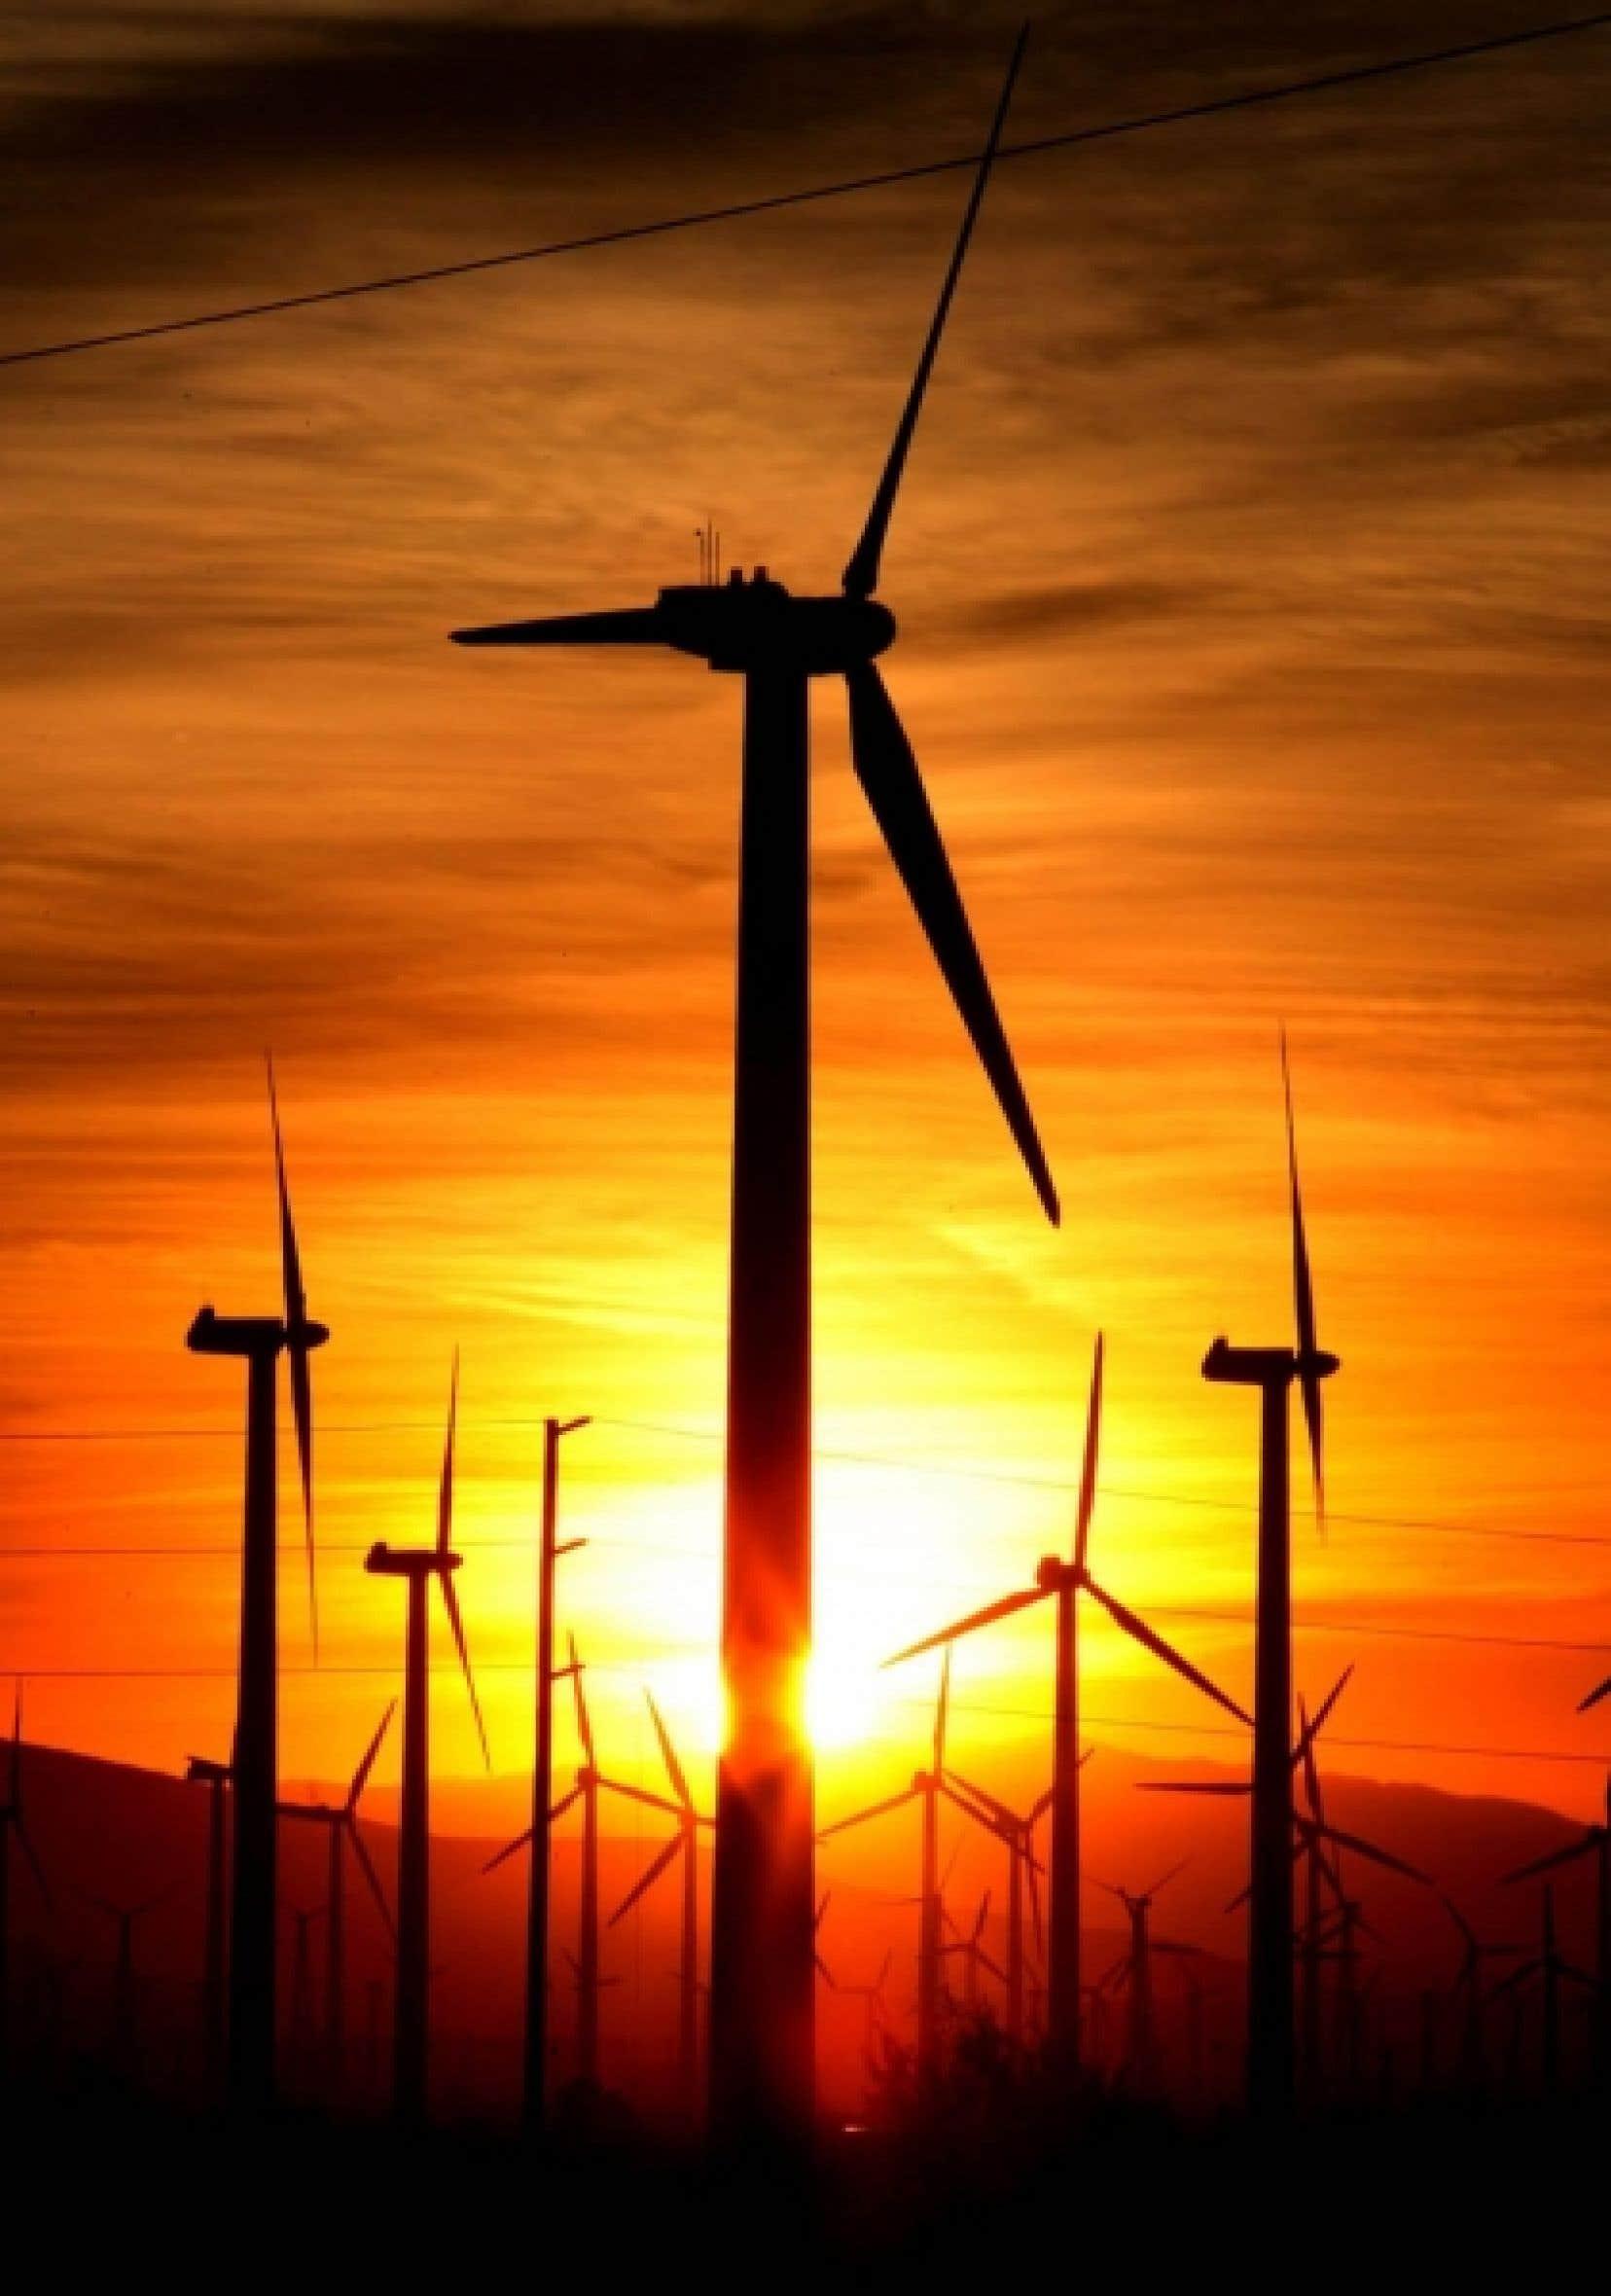 Le projet Reinventing Fire, qui propose de remplacer la rareté causée par les systèmes d'une époque révolue par une stratégie de Lovins, repose sur trois principaux filons: l'efficacité énergétique, le Soleil et les technologies de l'information.<br />